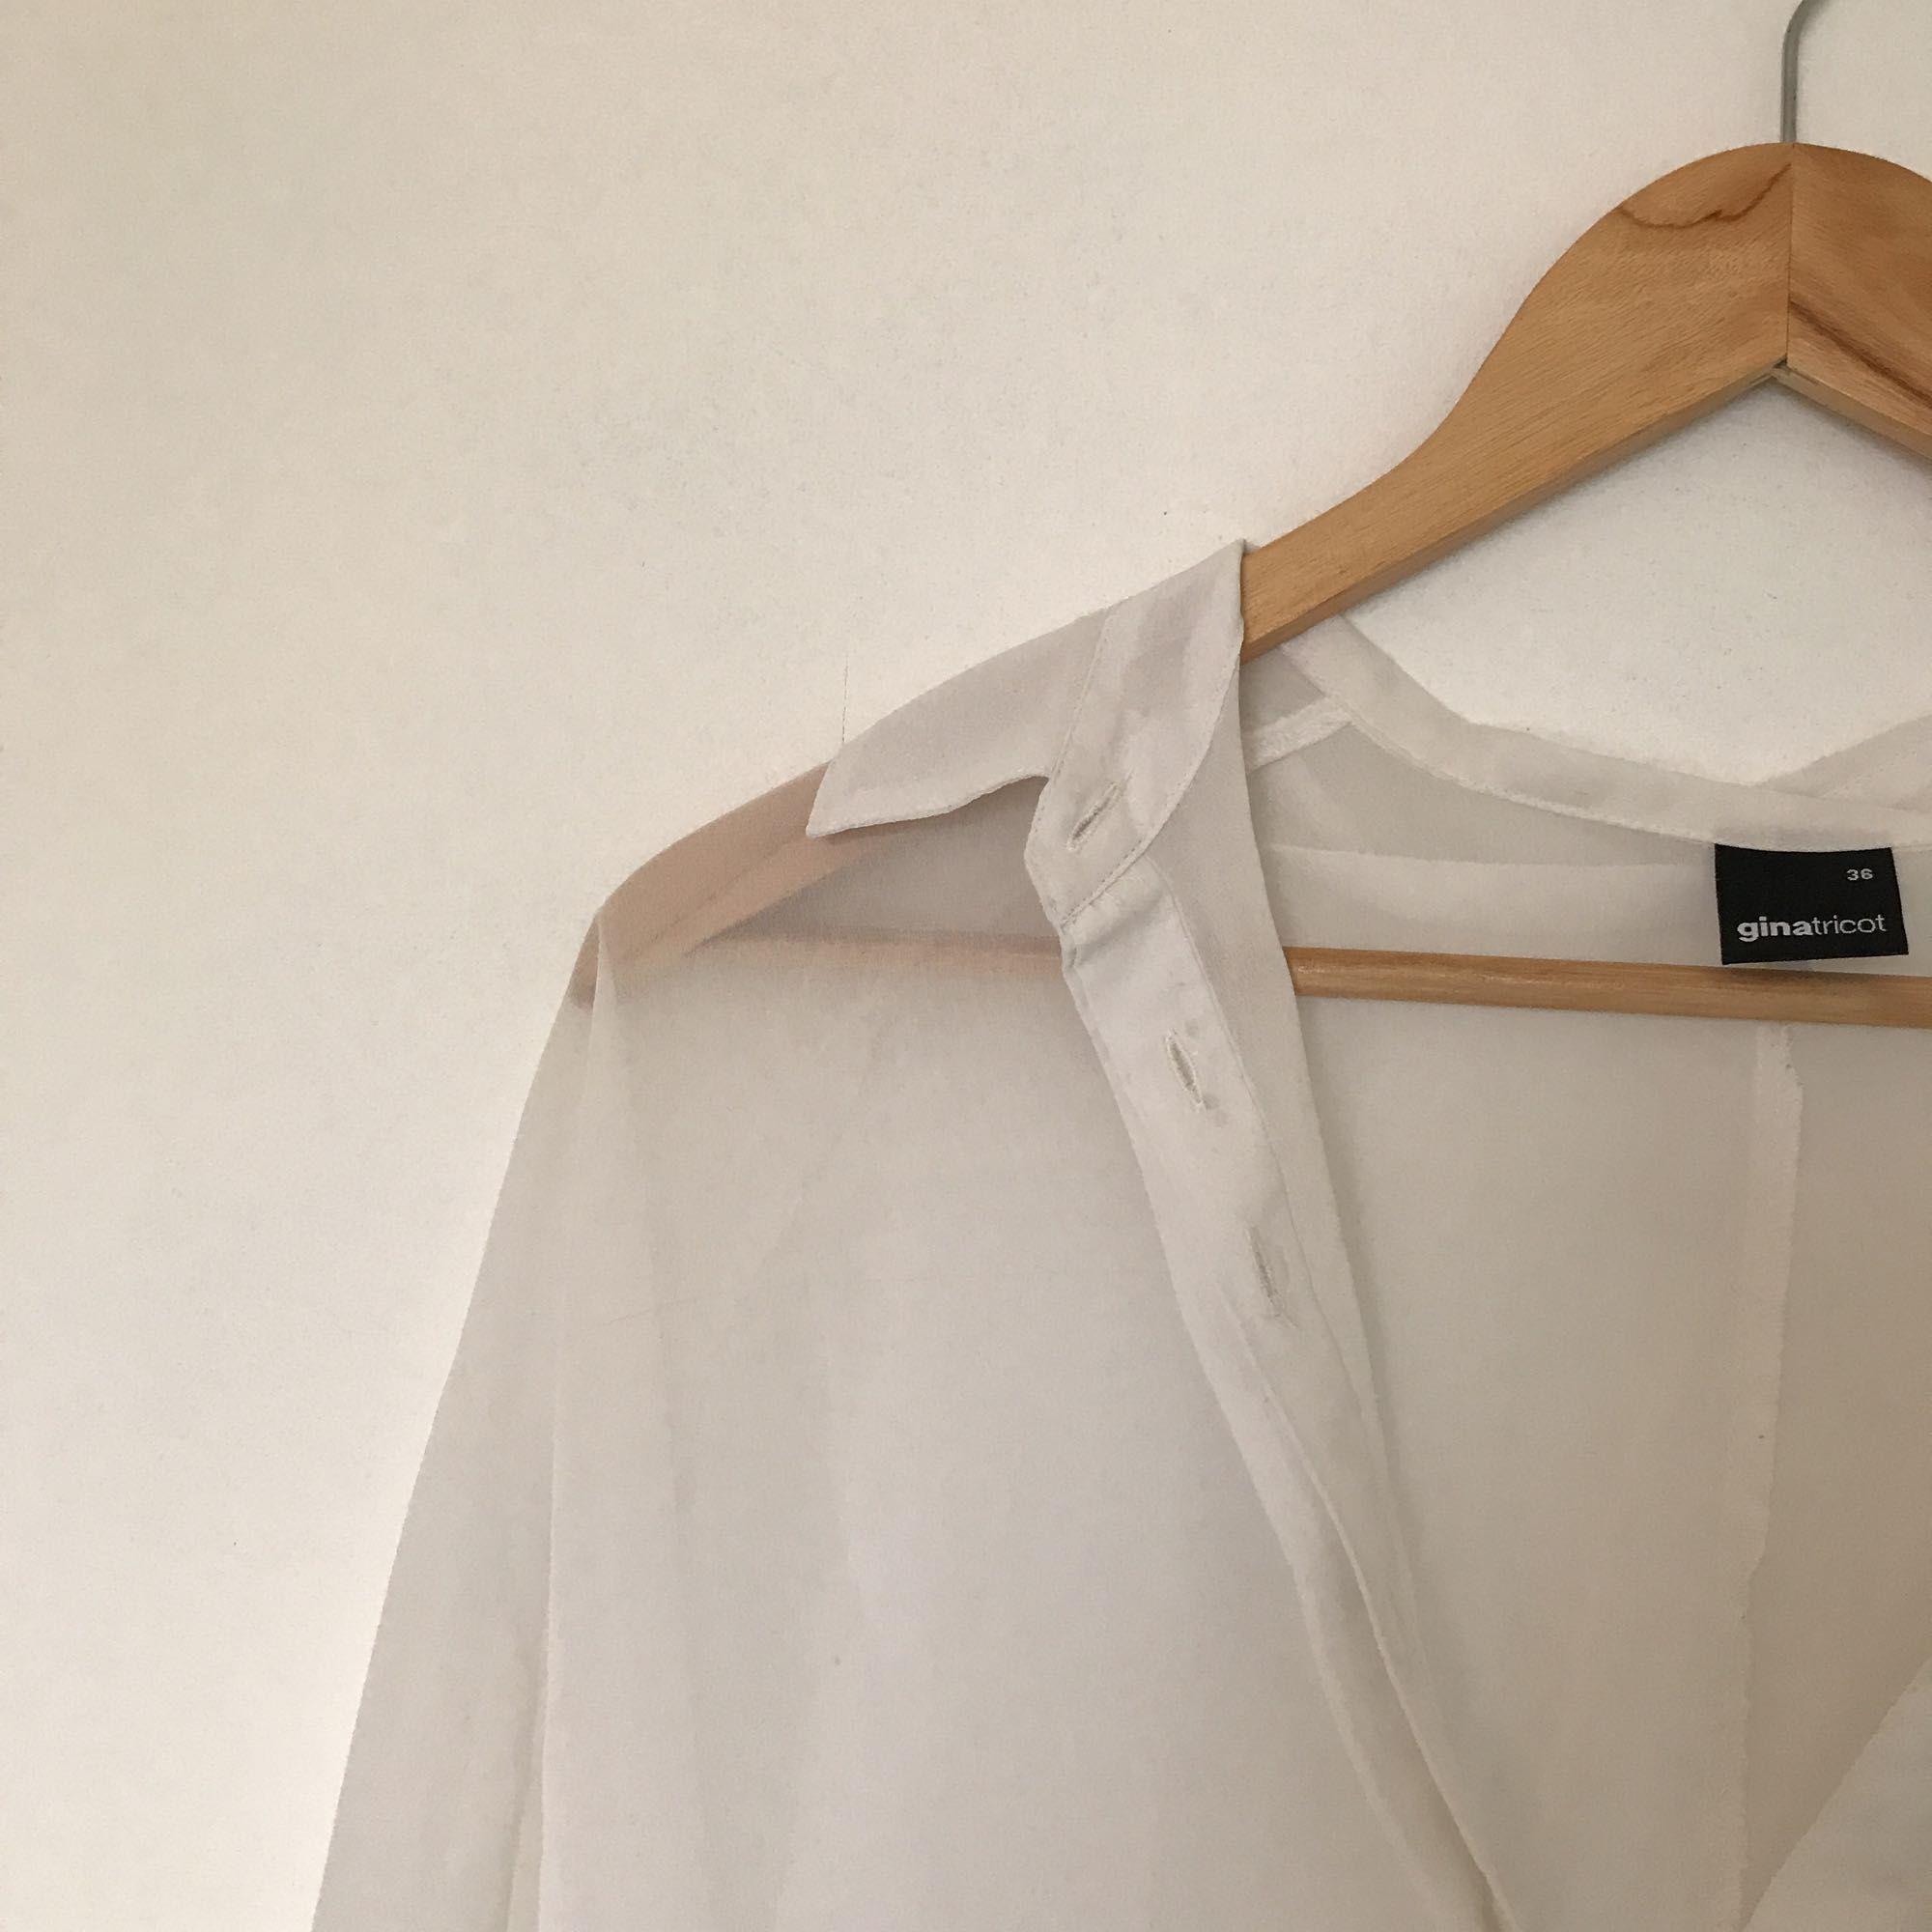 22dbad0154a Hvid gennemsigtig bluse Kortere for / venstre tilbage Du betaler fragt! Vil  sende flere billeder ...